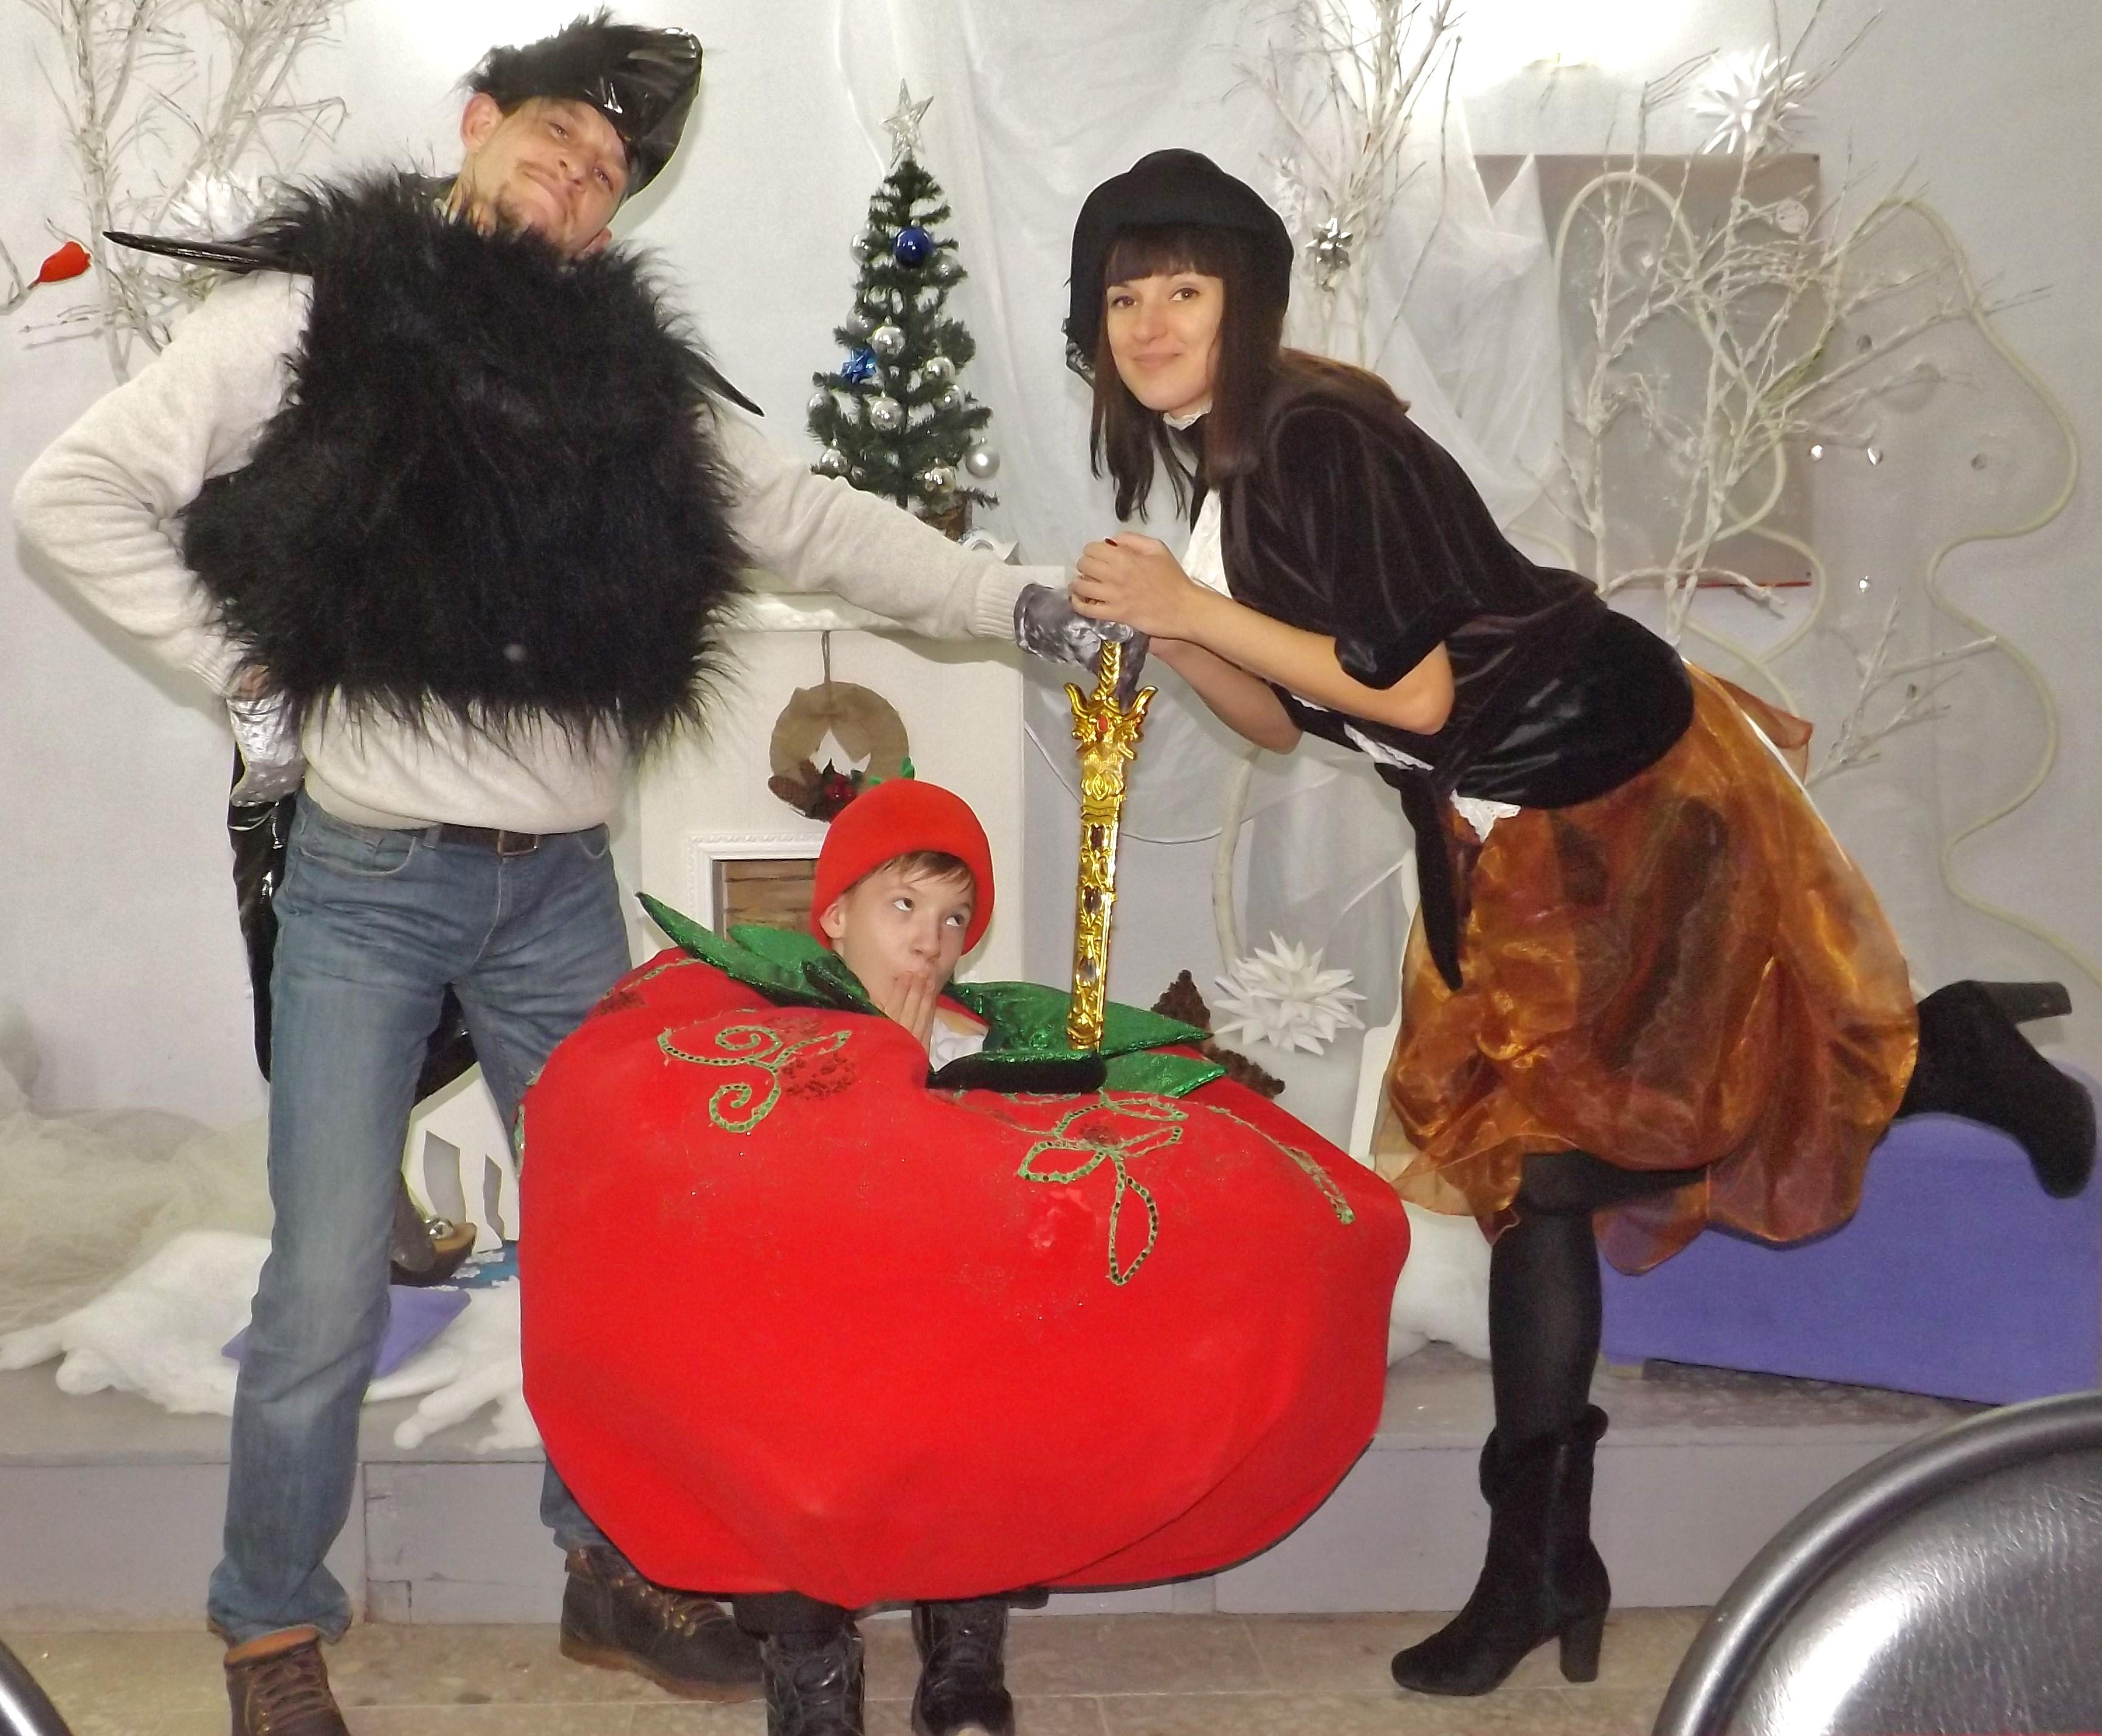 Мышиный Король и Сызранский Помидор:противостояние. Новогодние каникулы